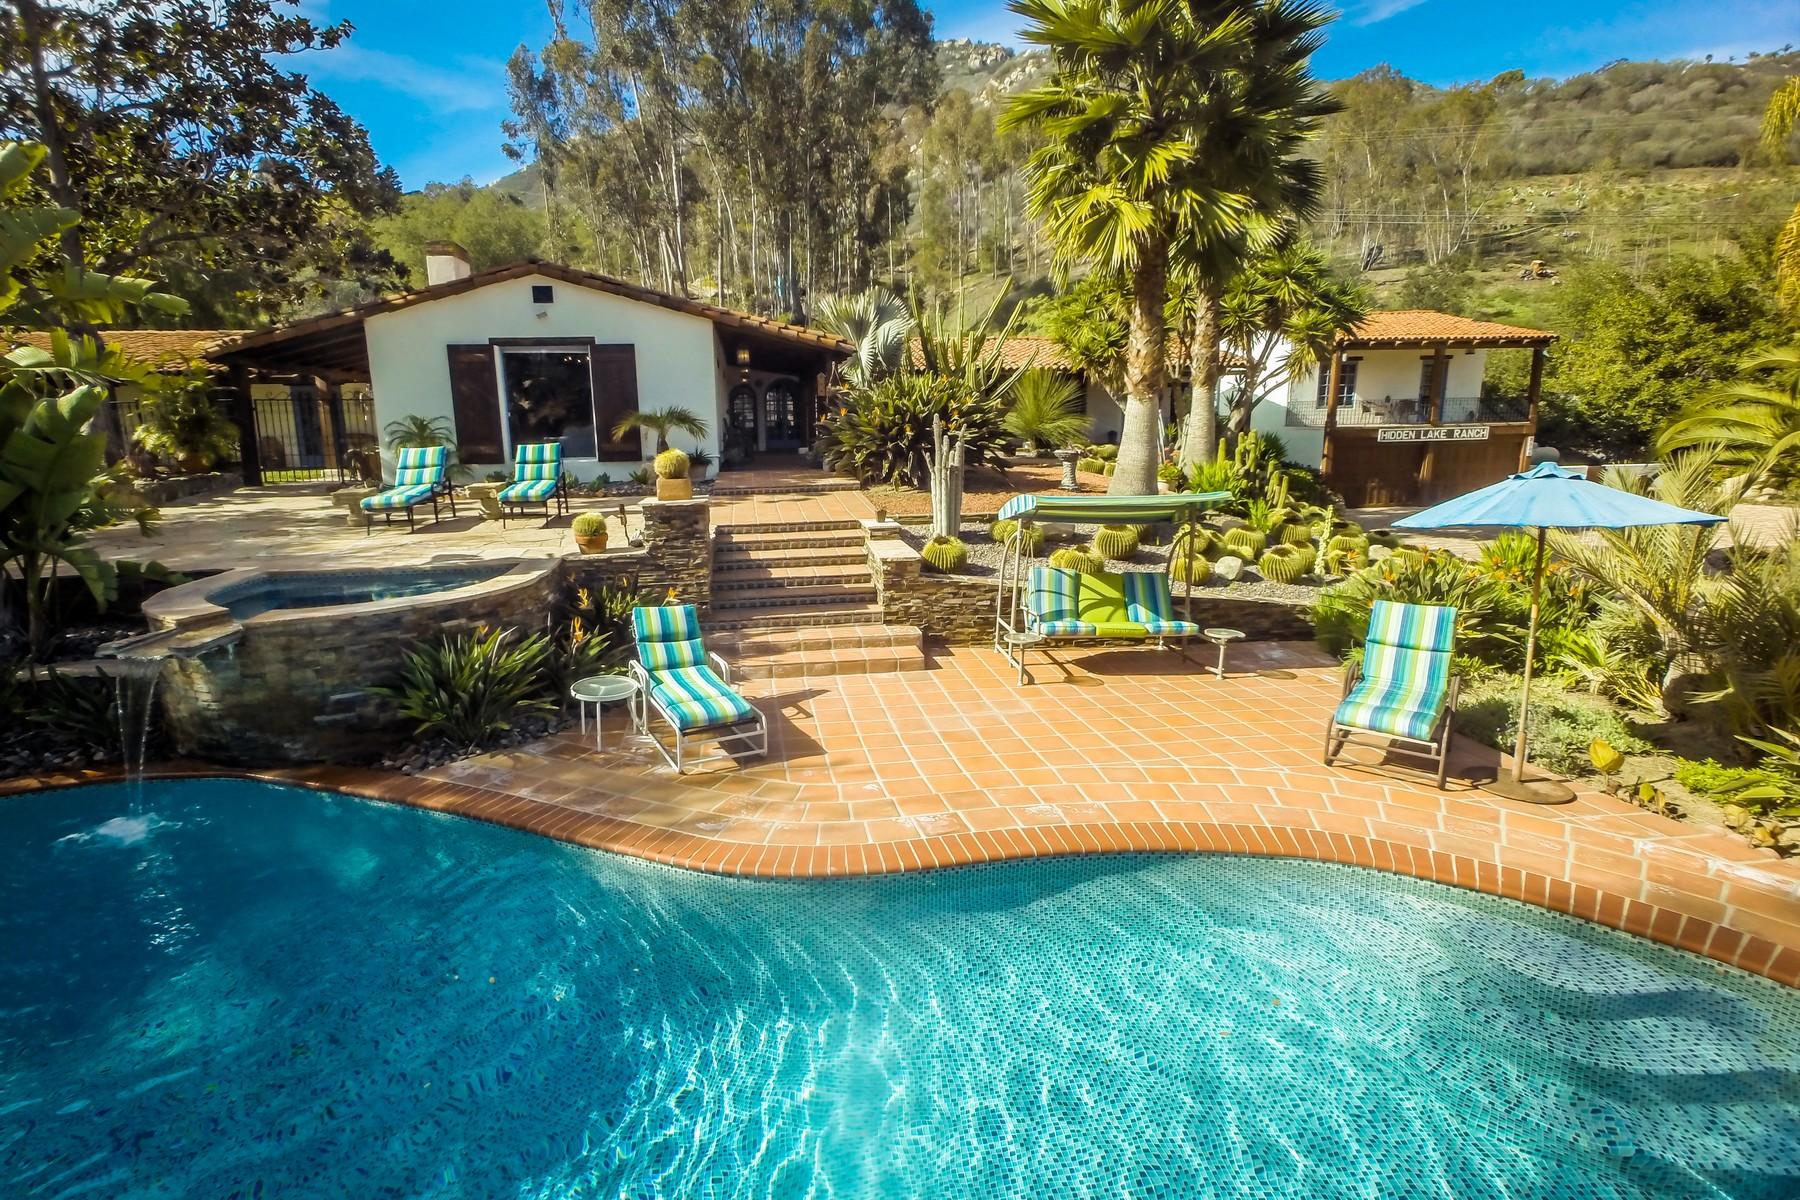 Ferme / Ranch / Plantation pour l Vente à 9556 Del Dios Highway Escondido, Californie 92029 États-Unis